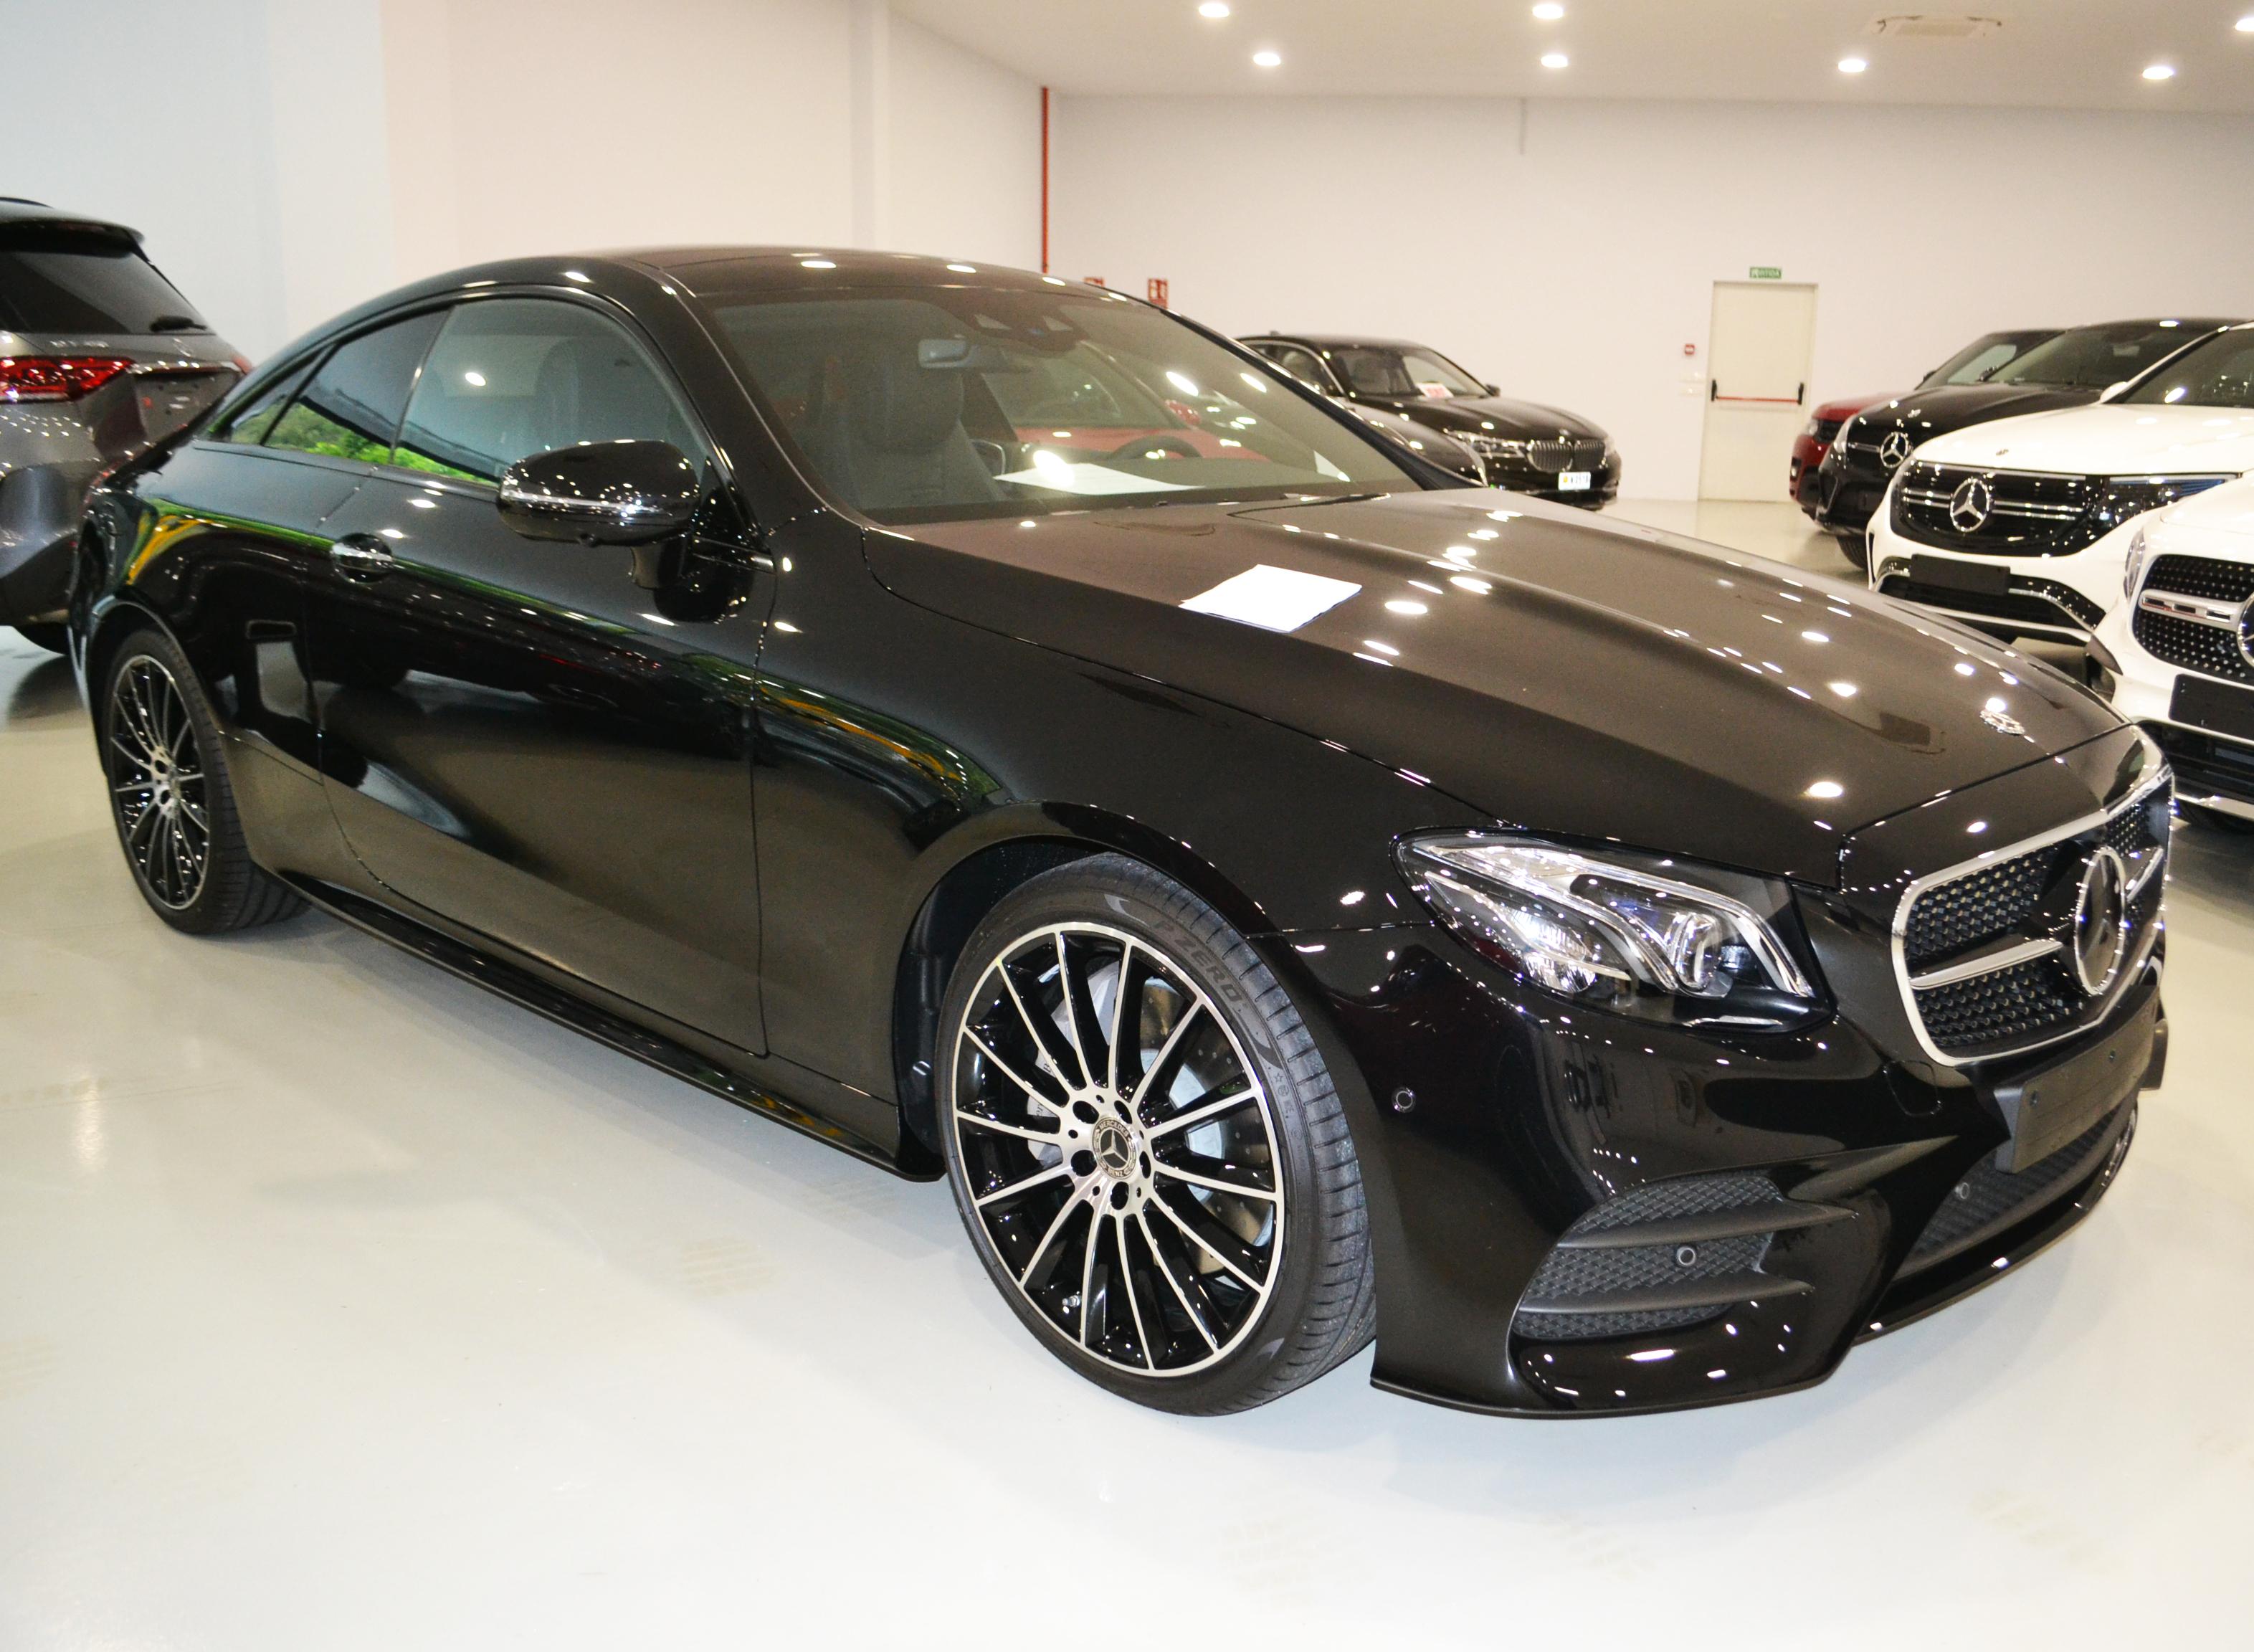 Mercedes-Benz - E 400 - E 400 D 4Matic E 400 D 4Matic Dièsel  2020  00 Km